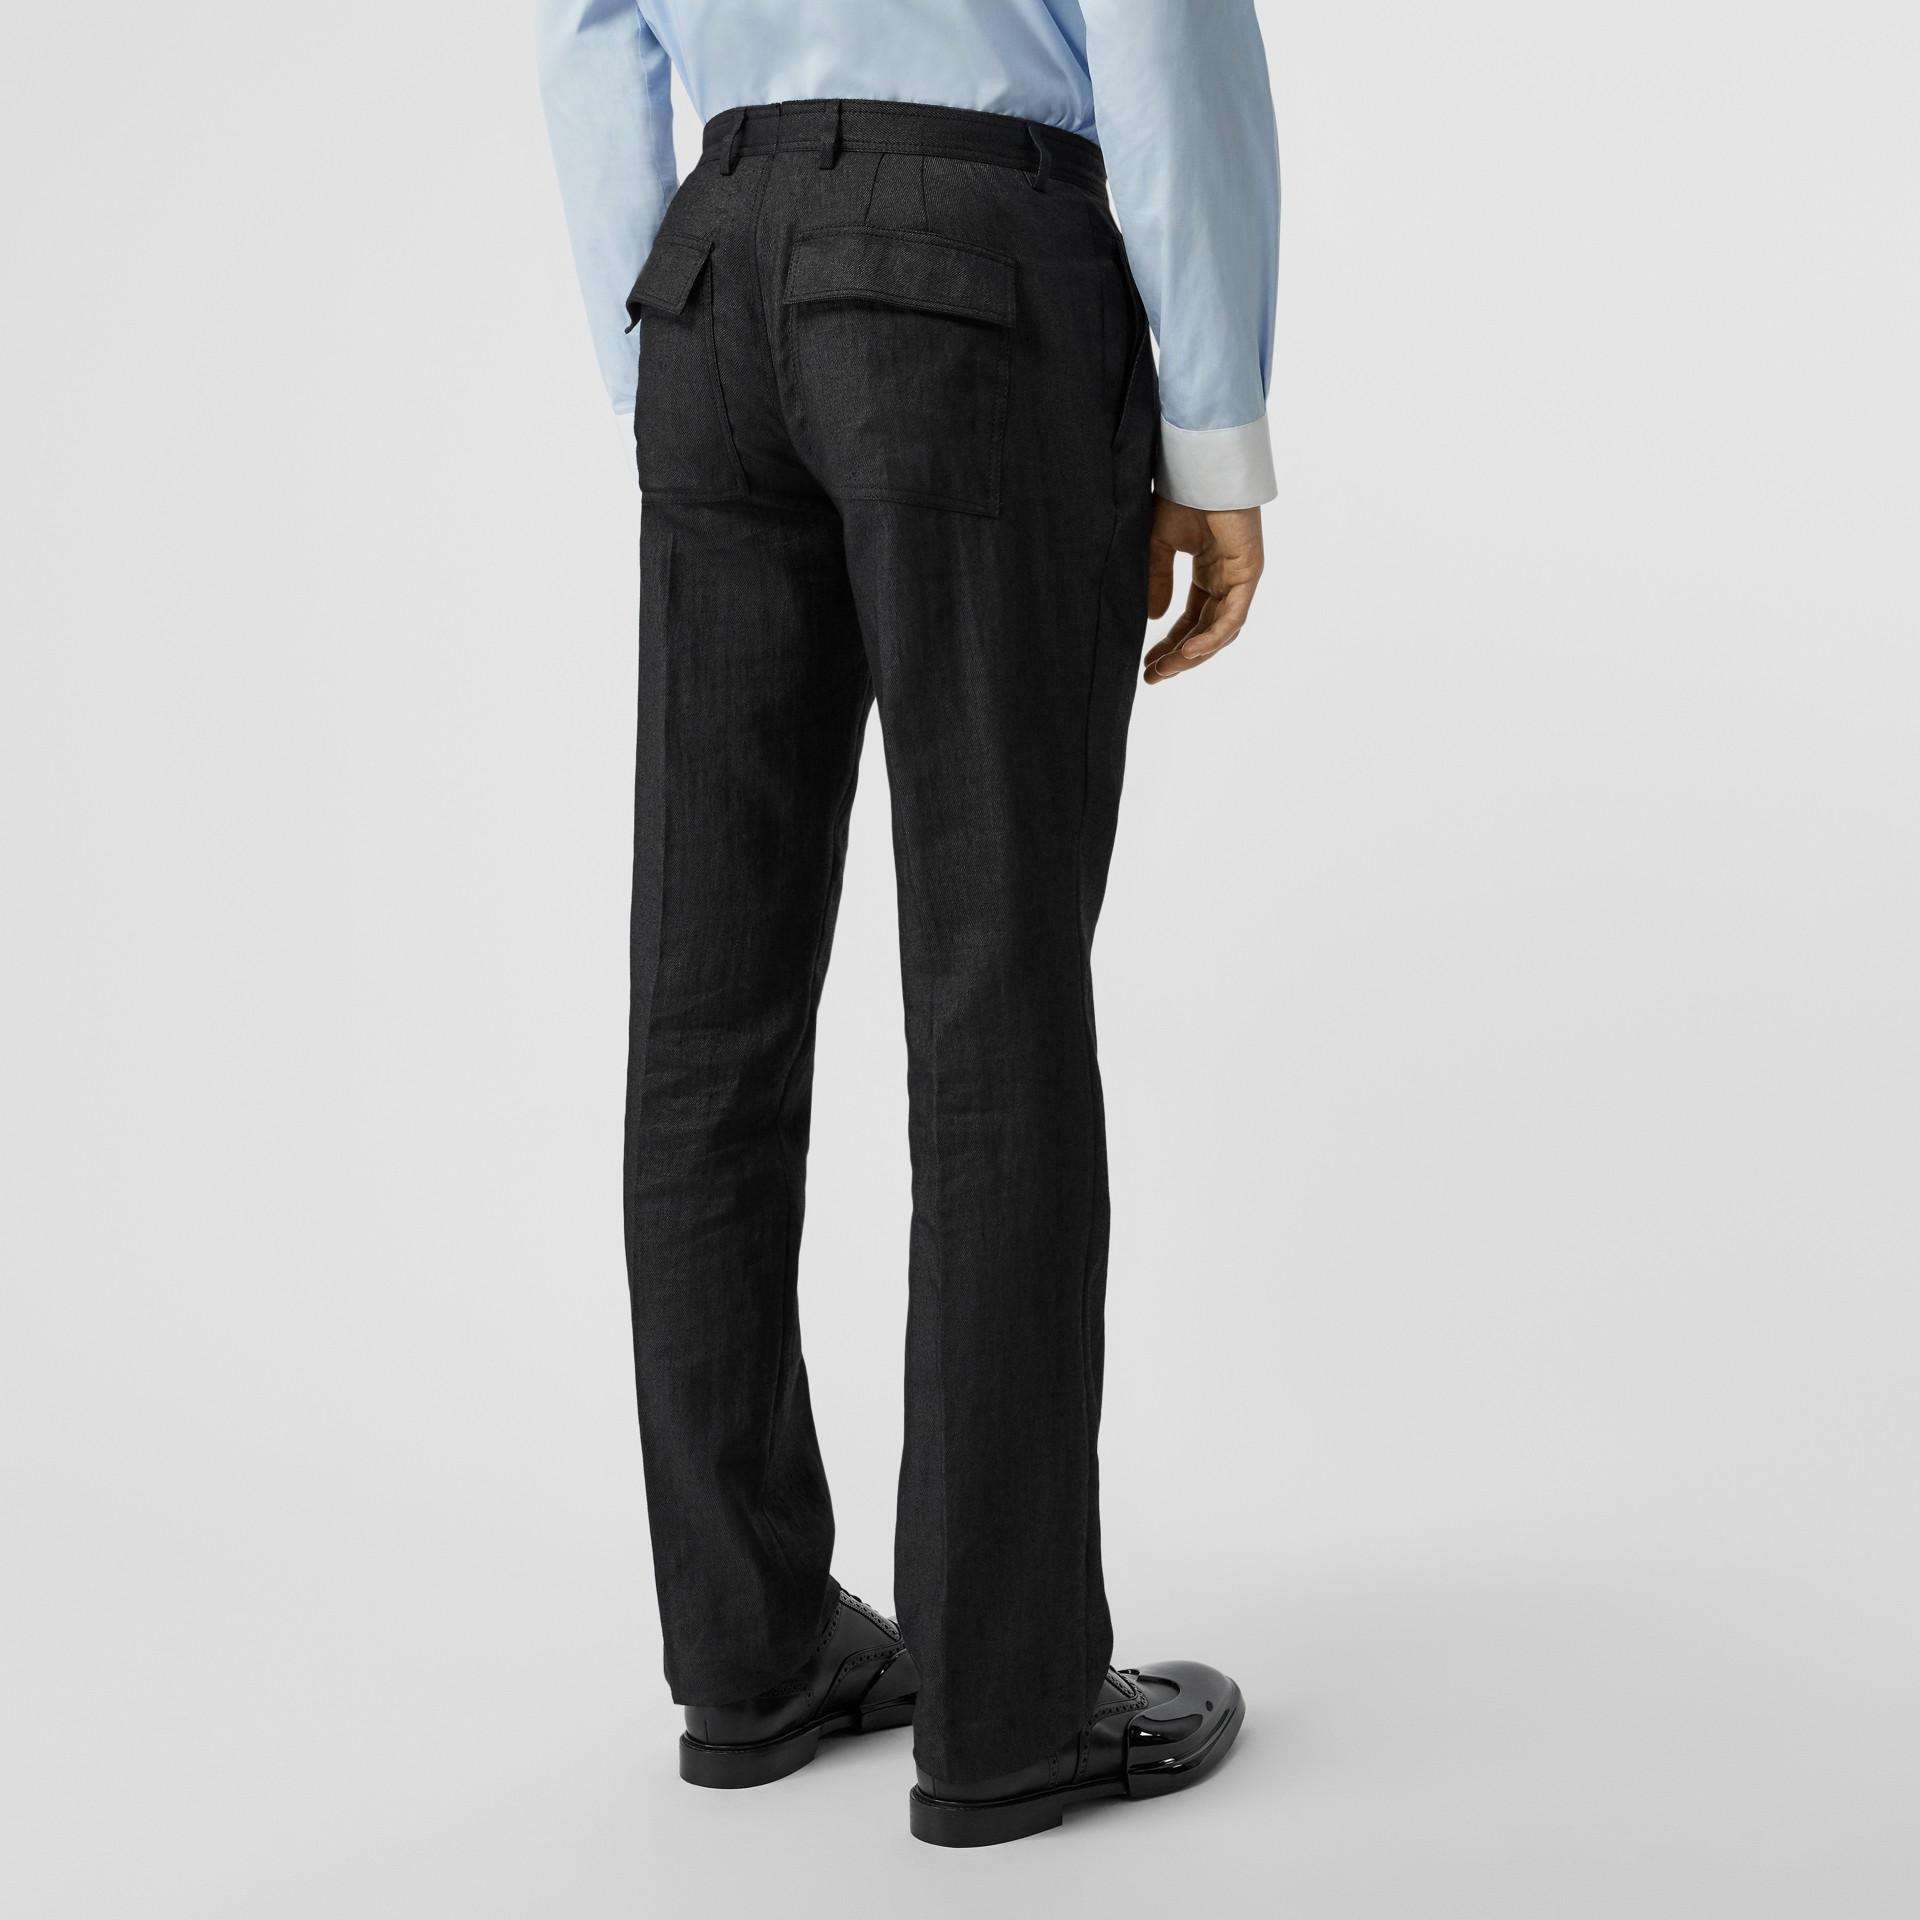 Pantalon plissé en lin mélangé avec zip (Noir) - Homme | Burberry - photo de la galerie 2